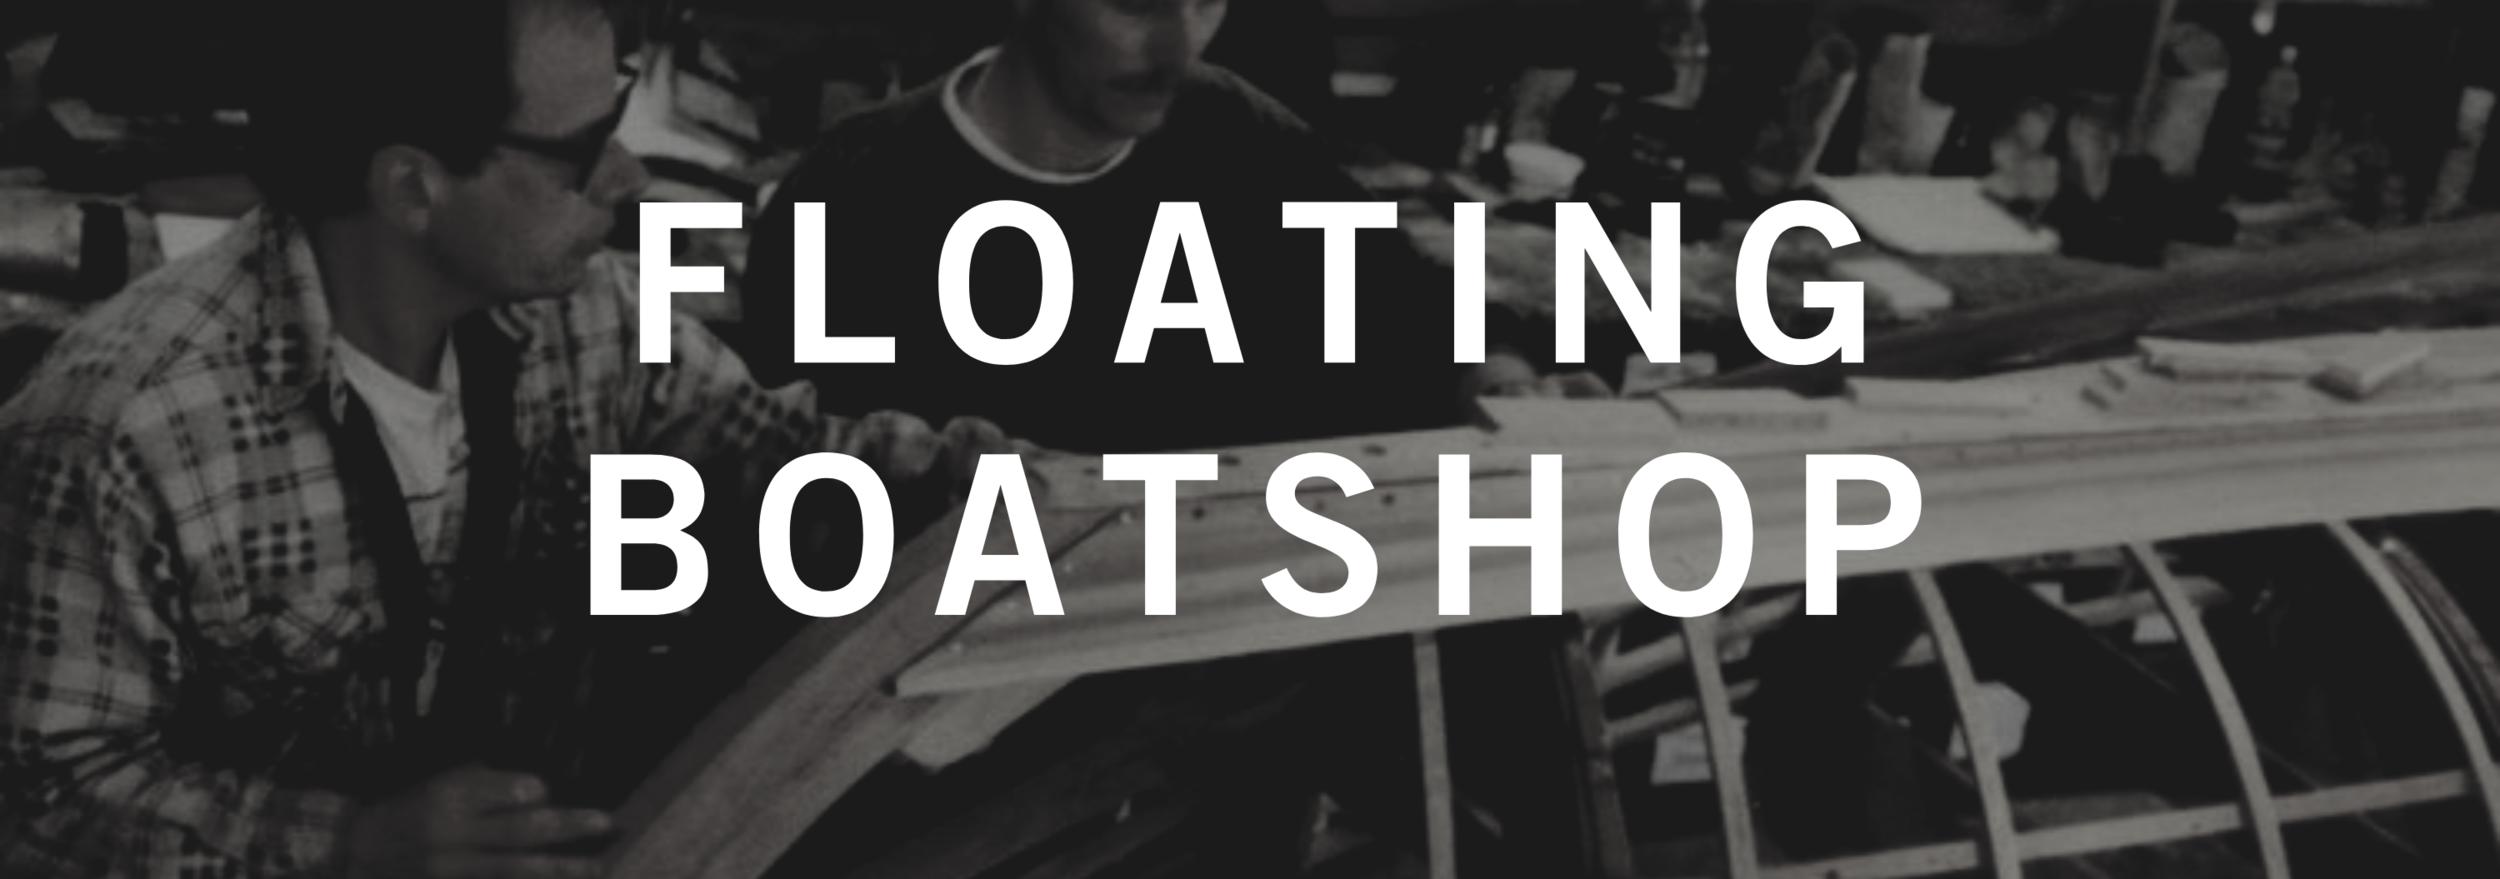 Floating Boatshop Festival Banner.png